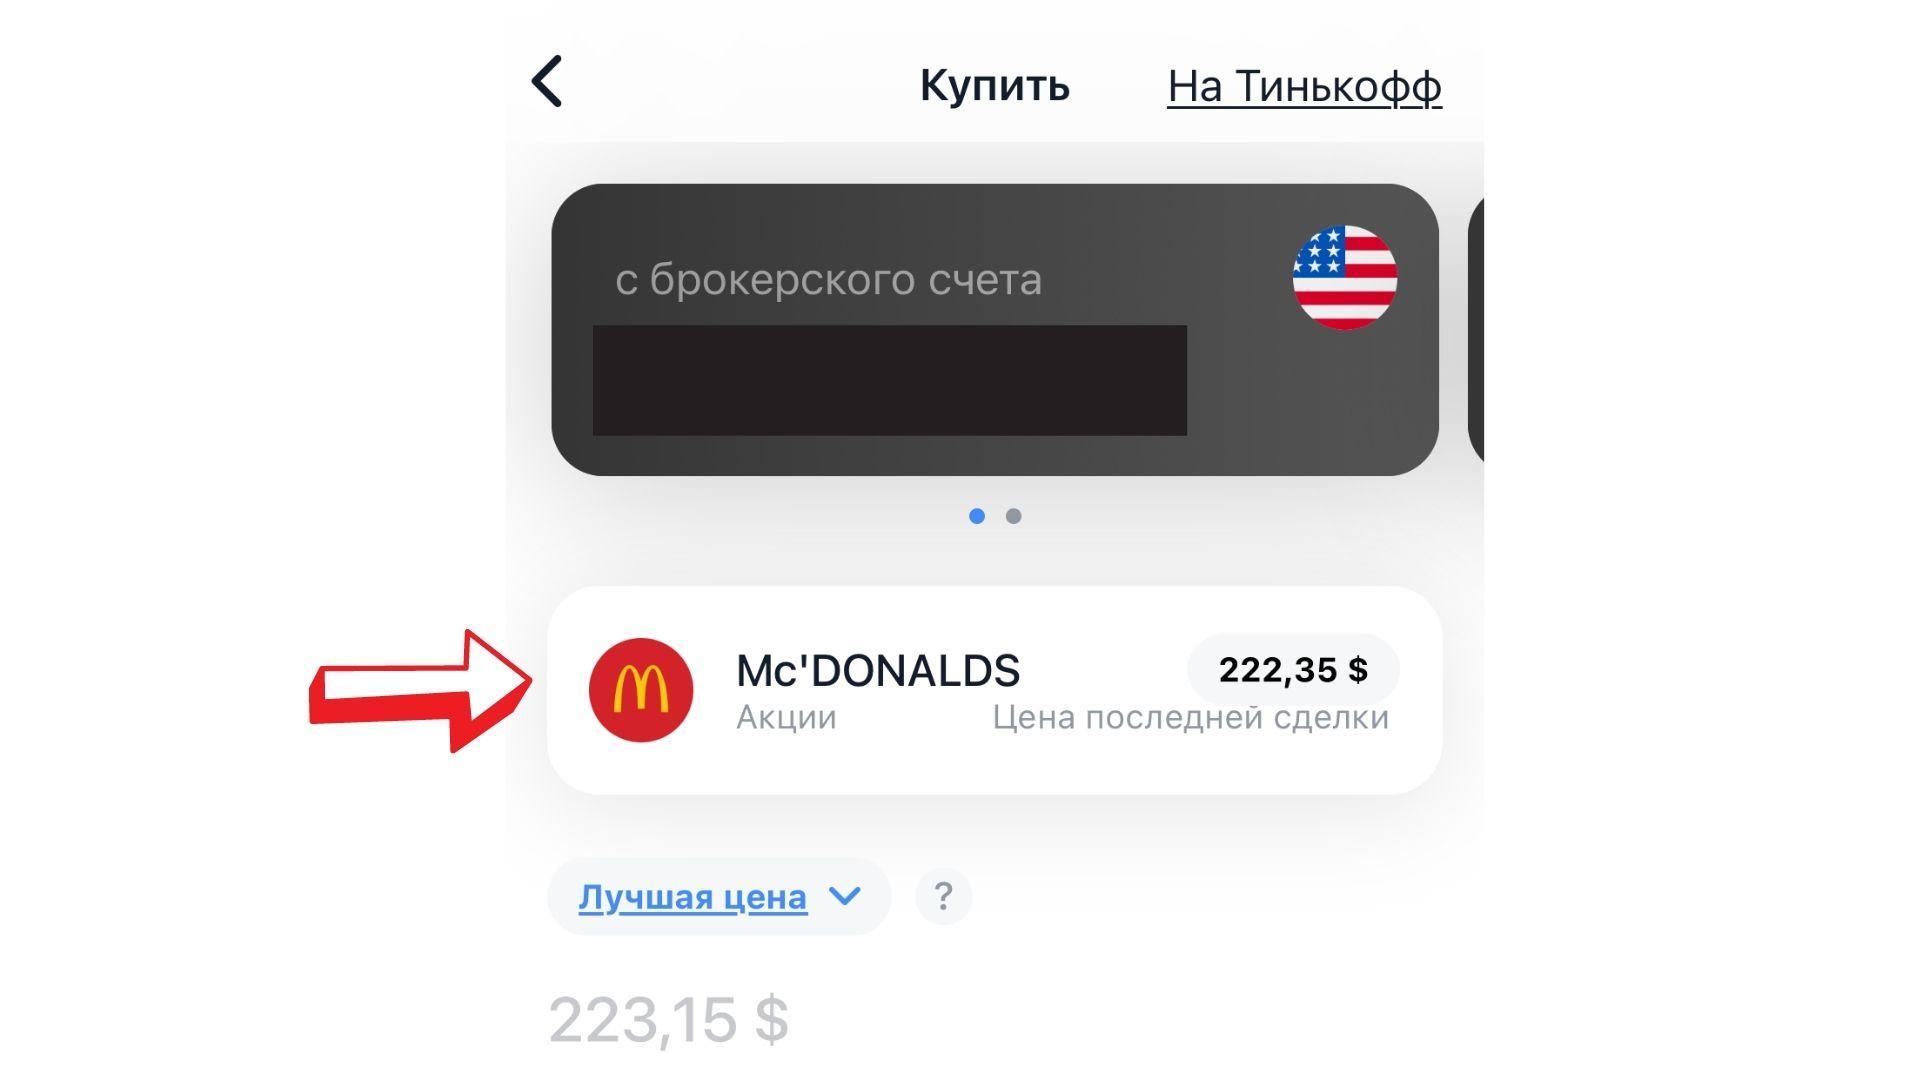 КУПИТЬ АКЦИИ McDonald's инструкция